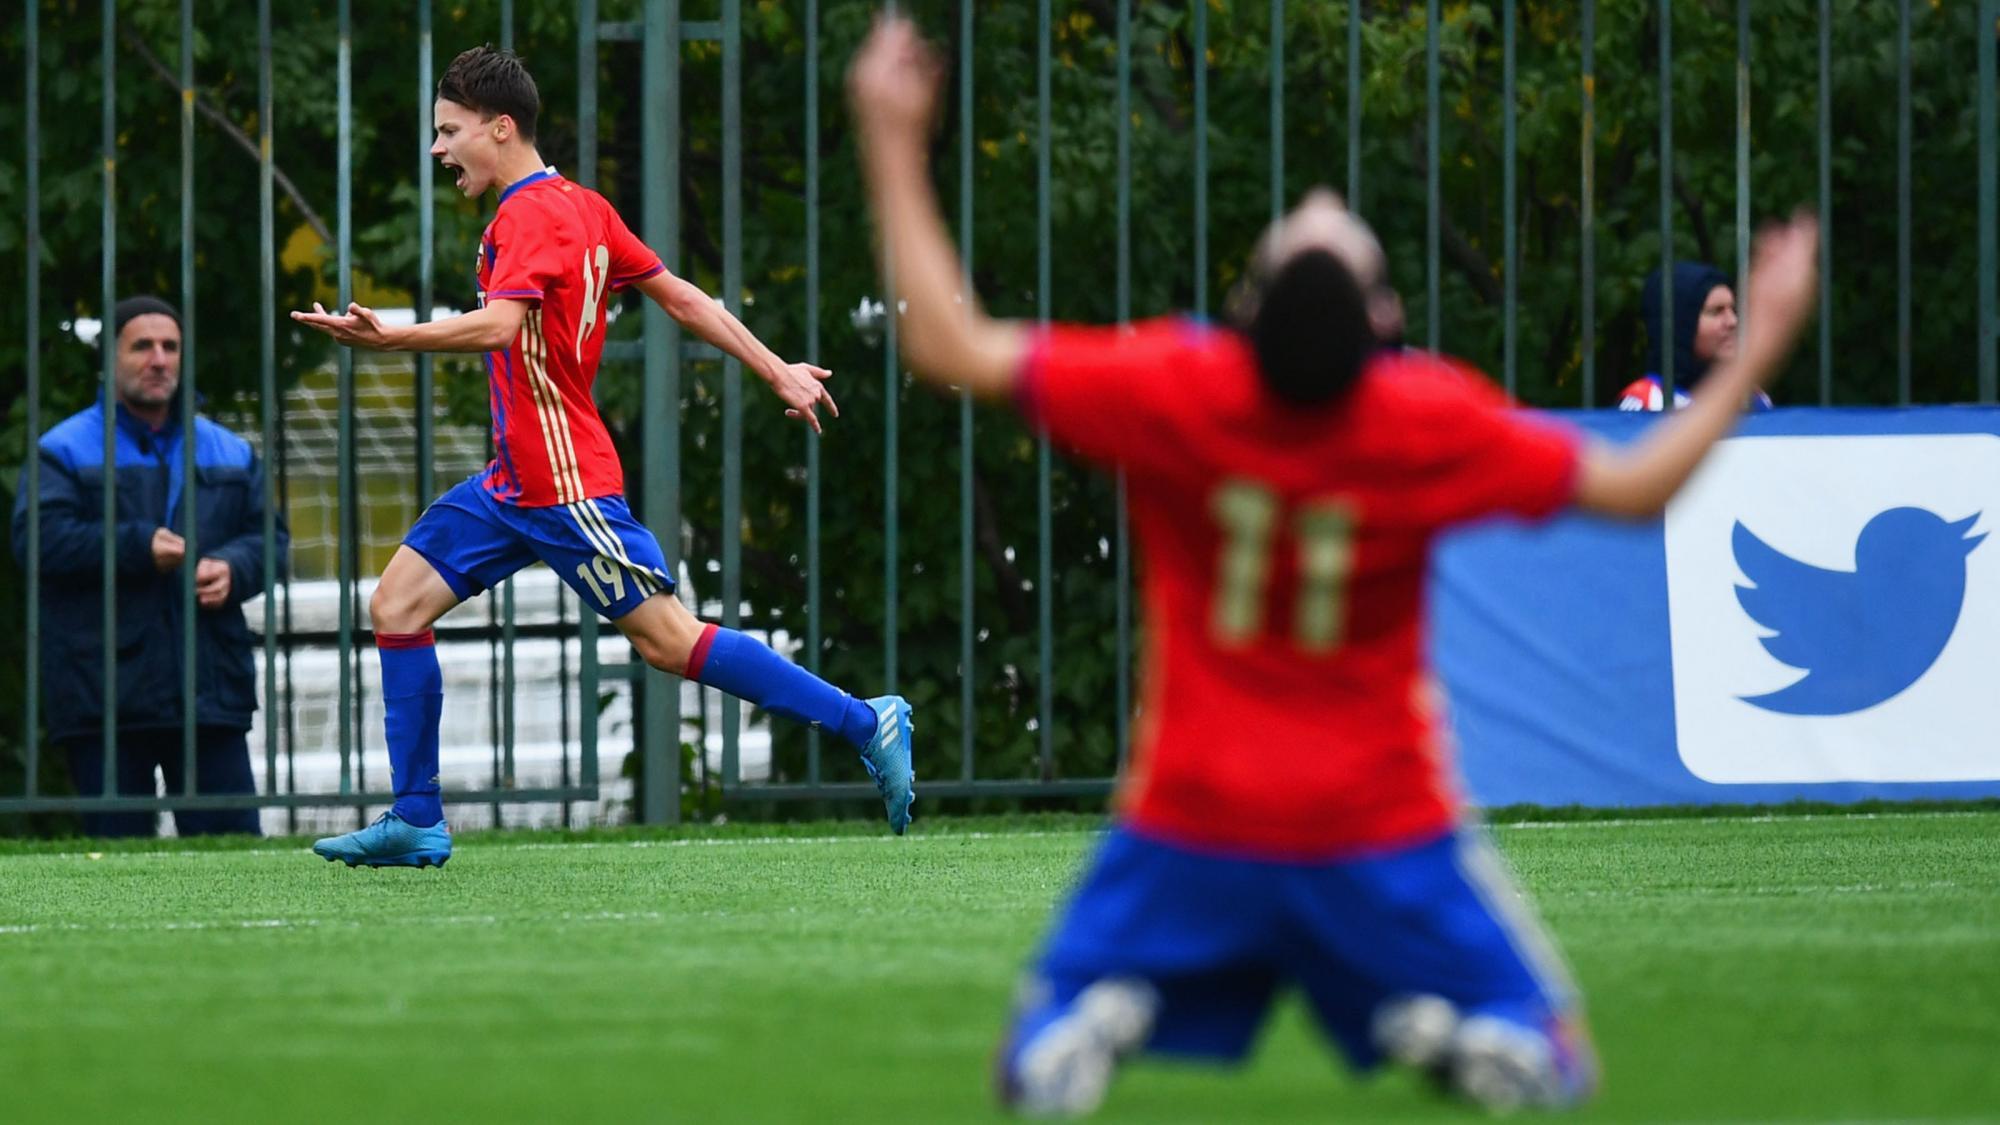 ЦСКА прошел вчетвертьфинал юношеской Лиги УЕФА